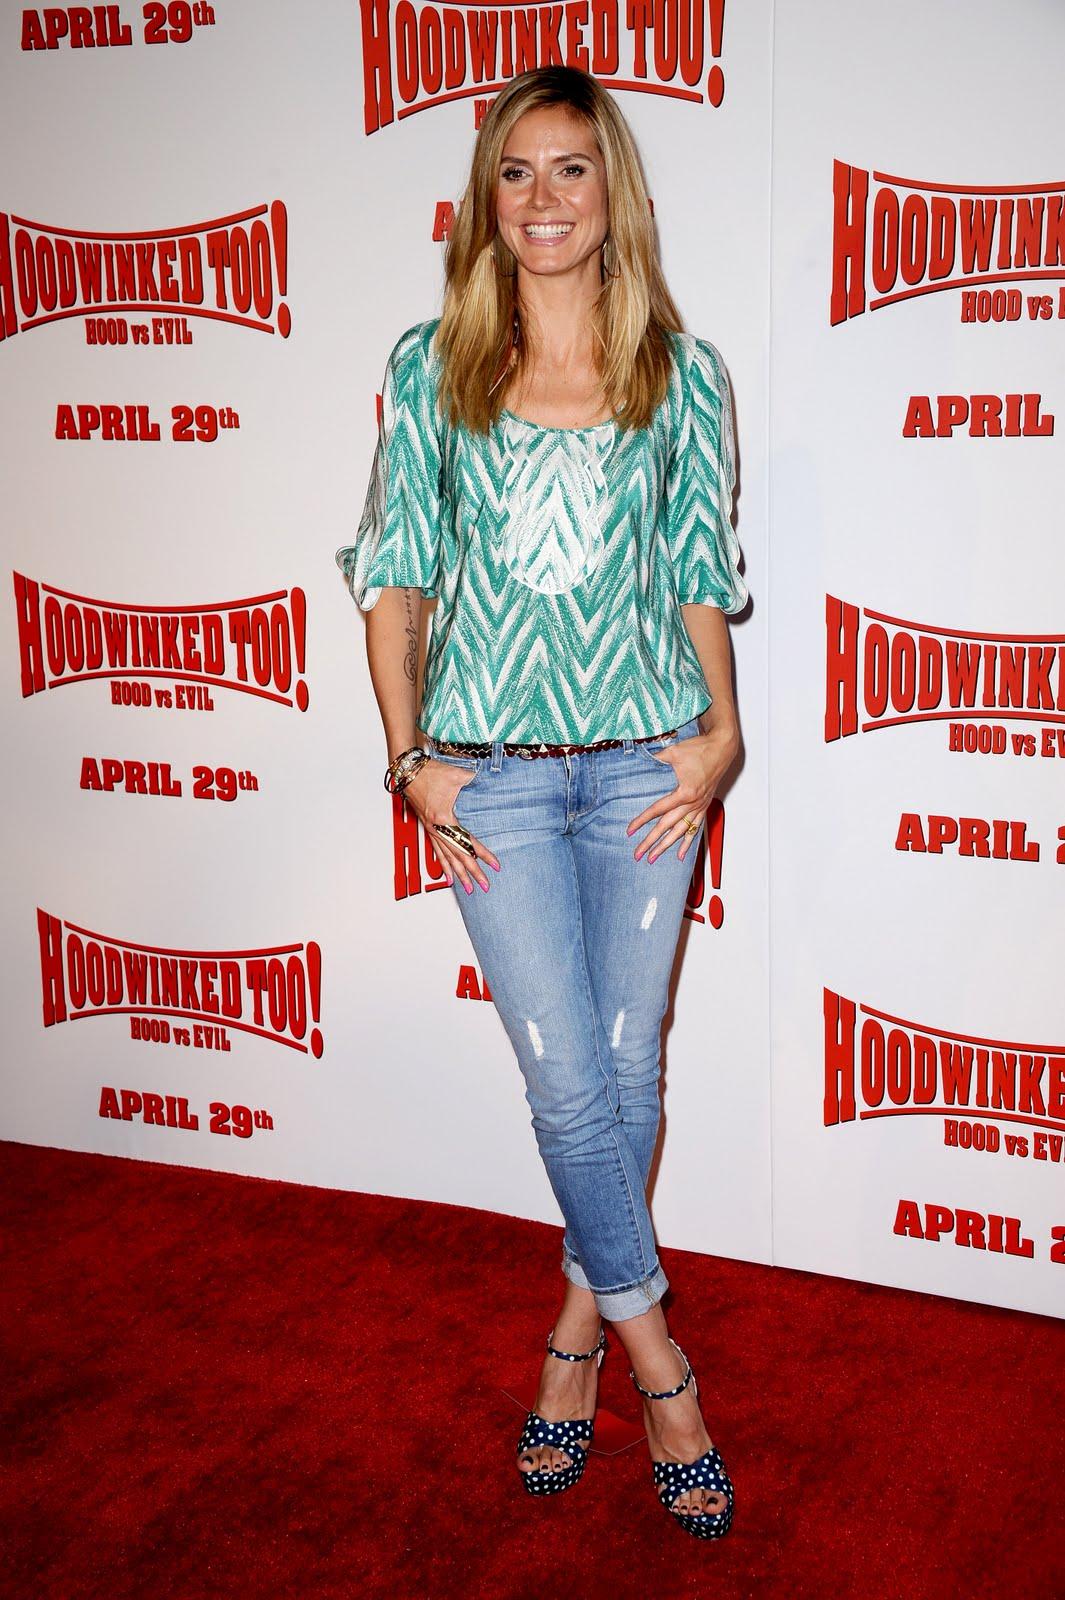 417d60f844b41 Heidi Klum at the Hoodwinked Too! Hood vs. Evil premiere, her last movie.